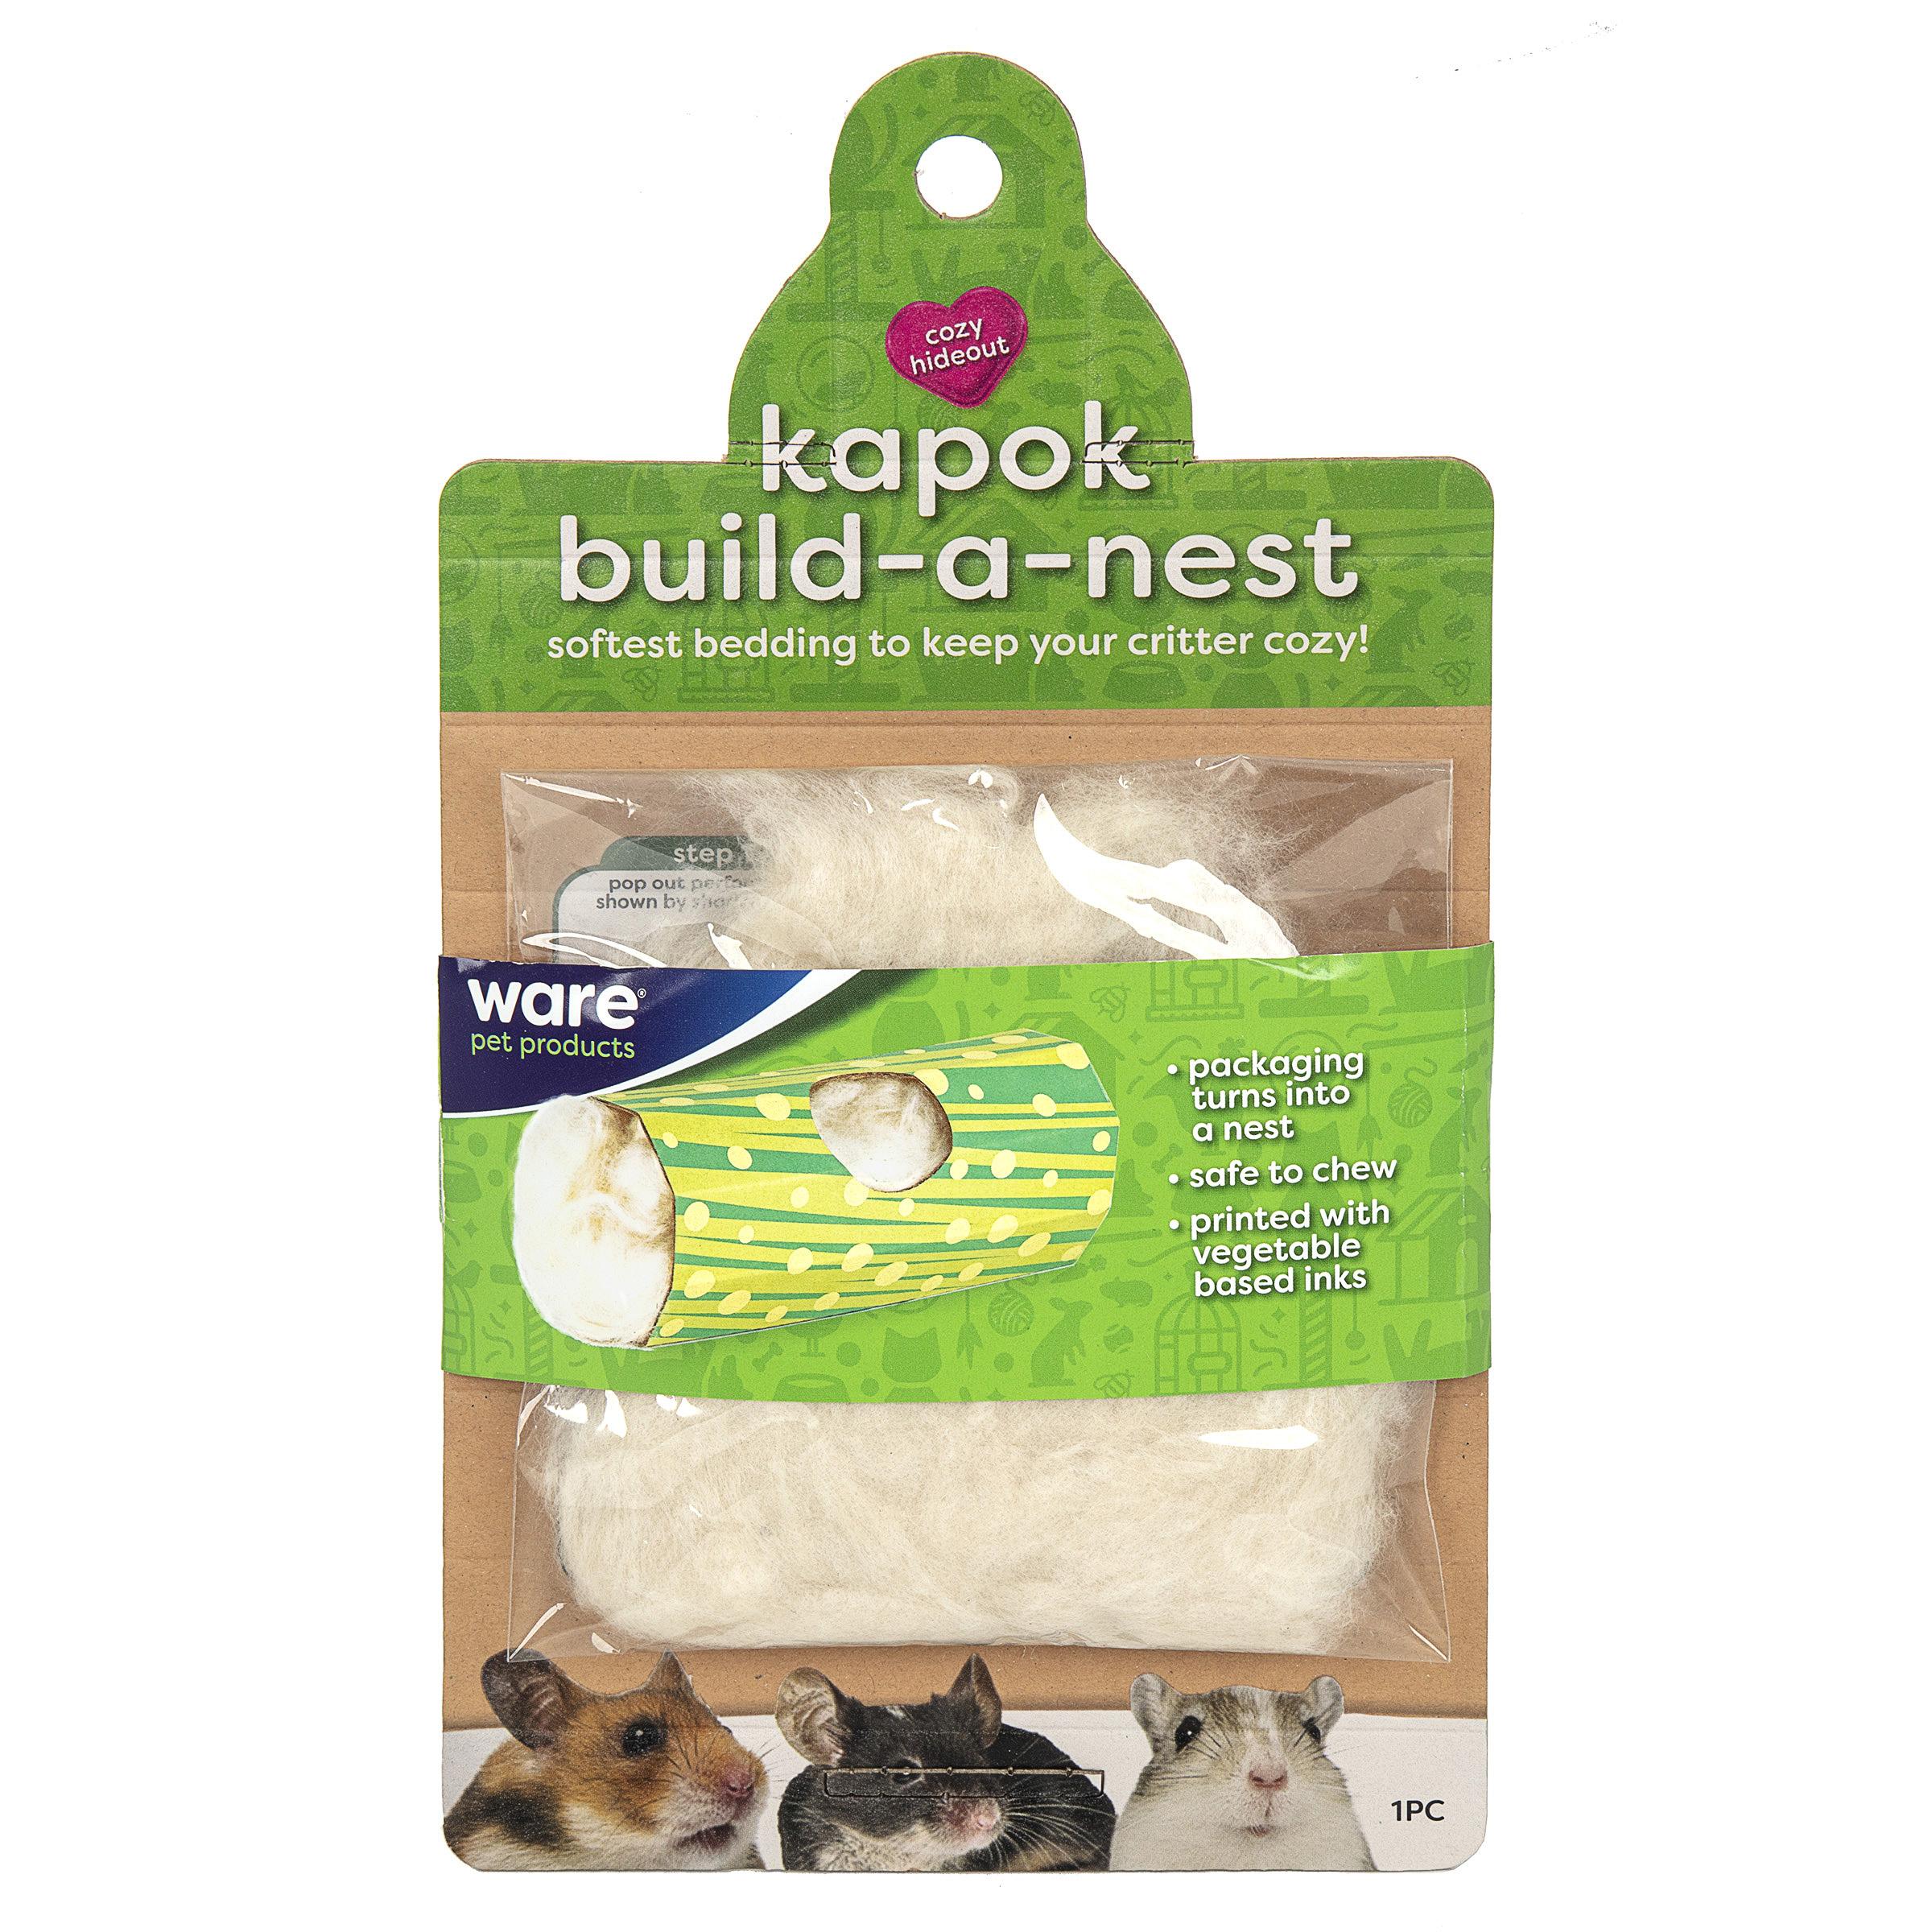 Kapok Build-A-Nest